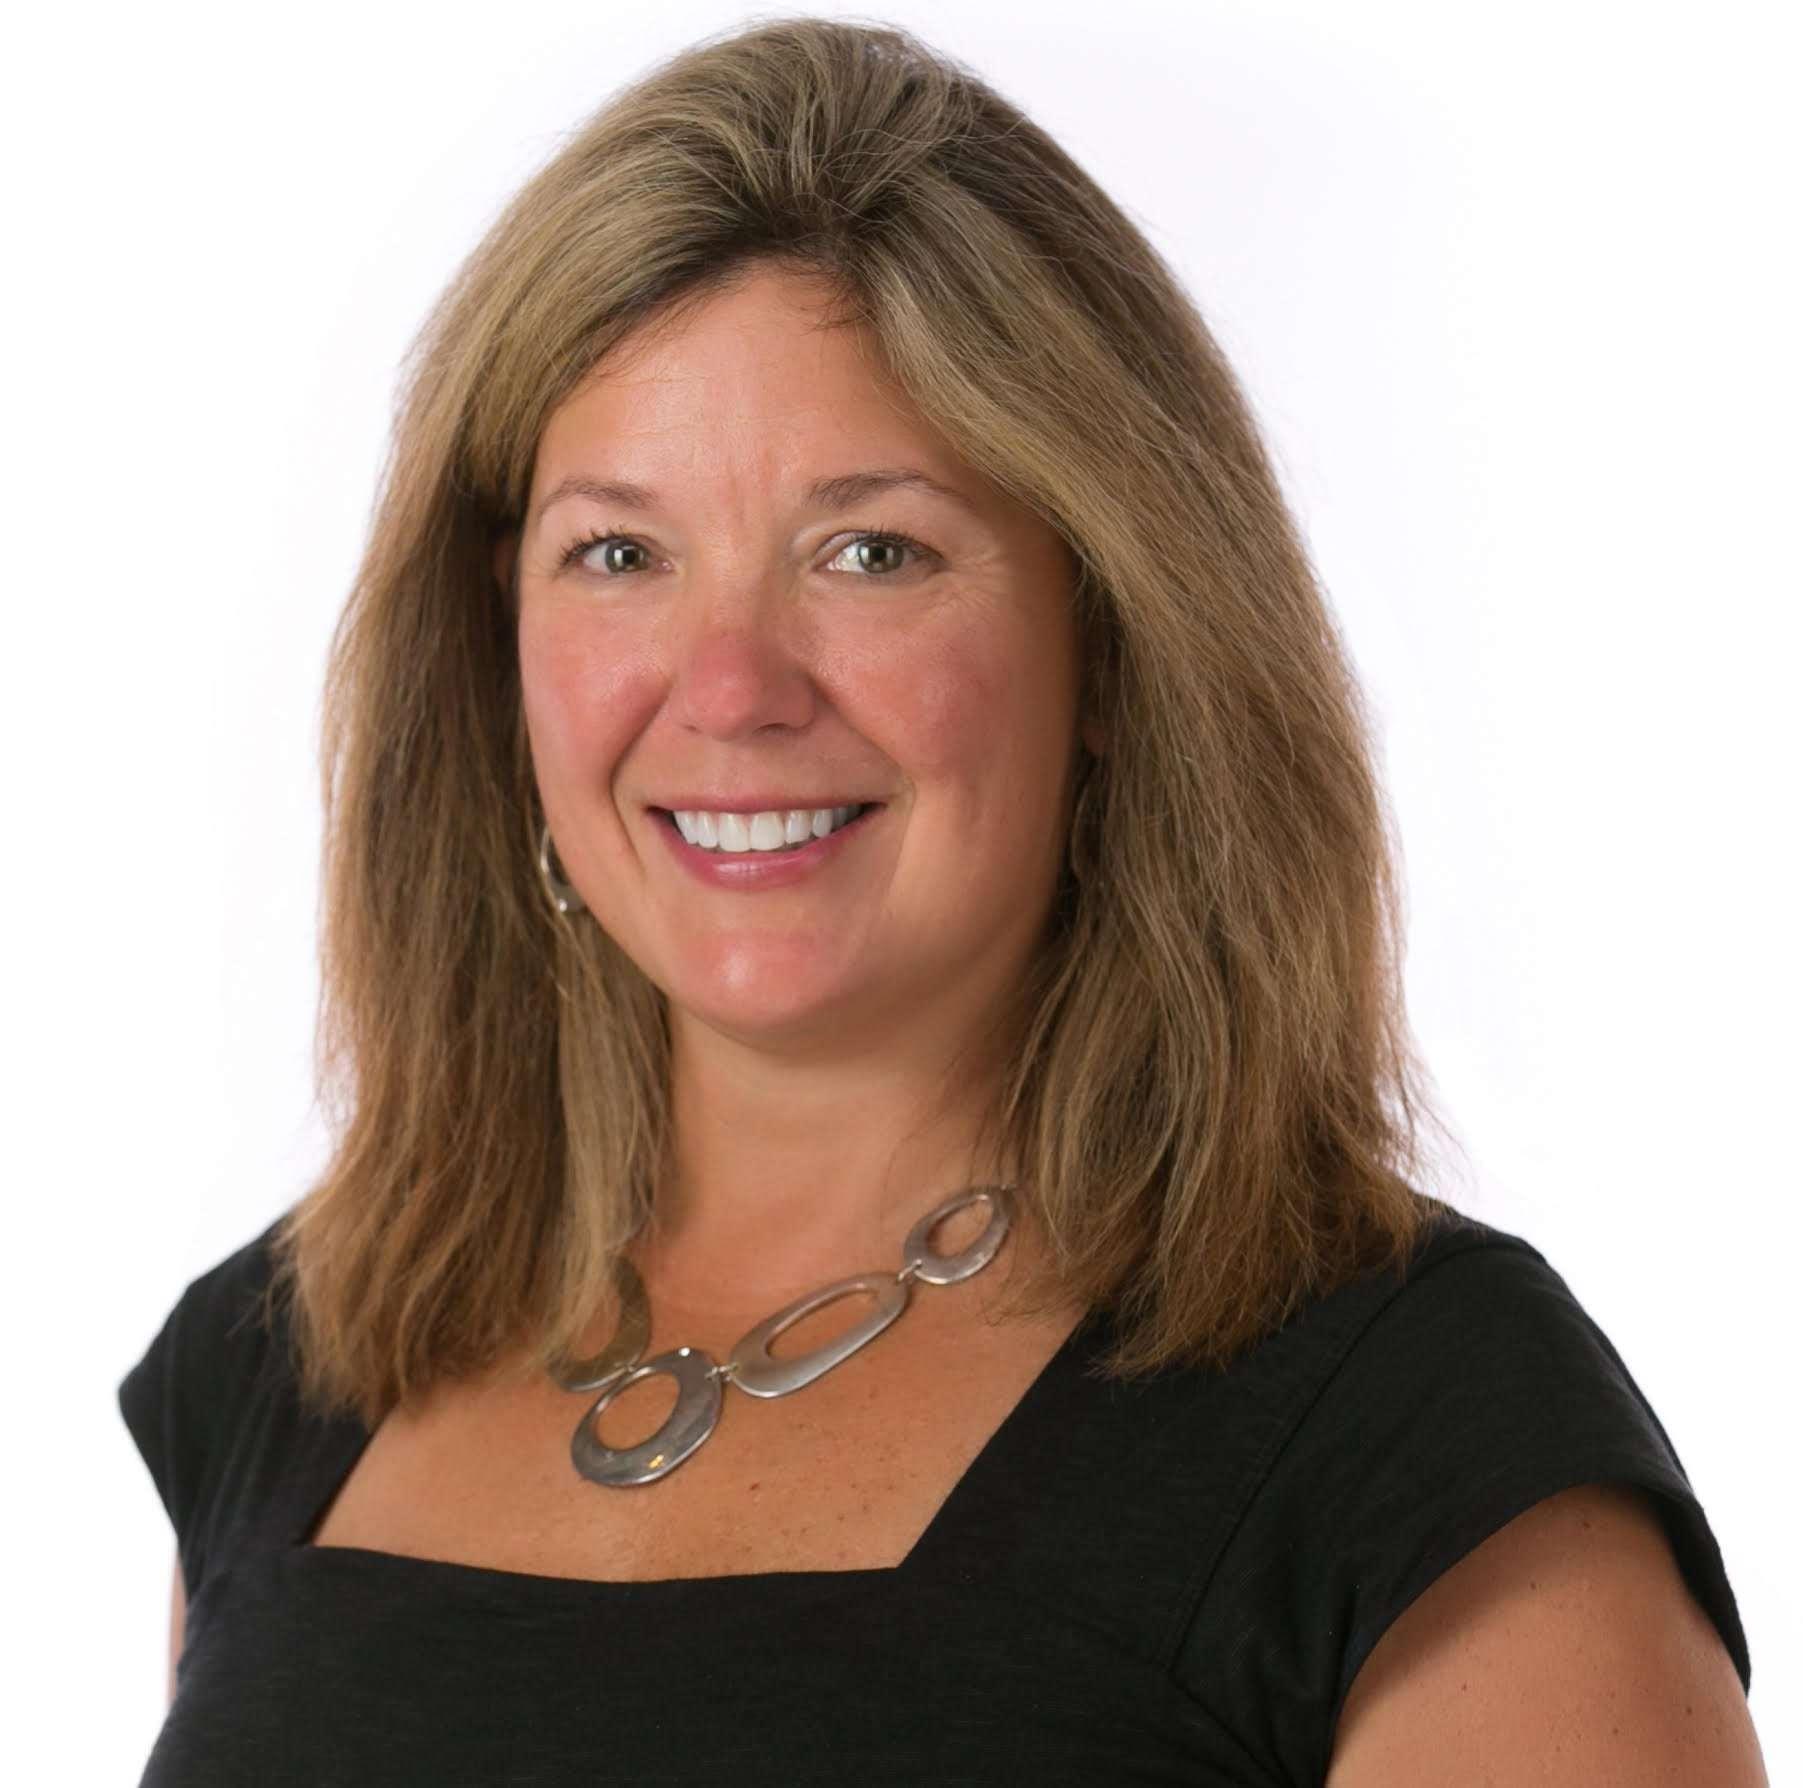 Christina Marie Kimball